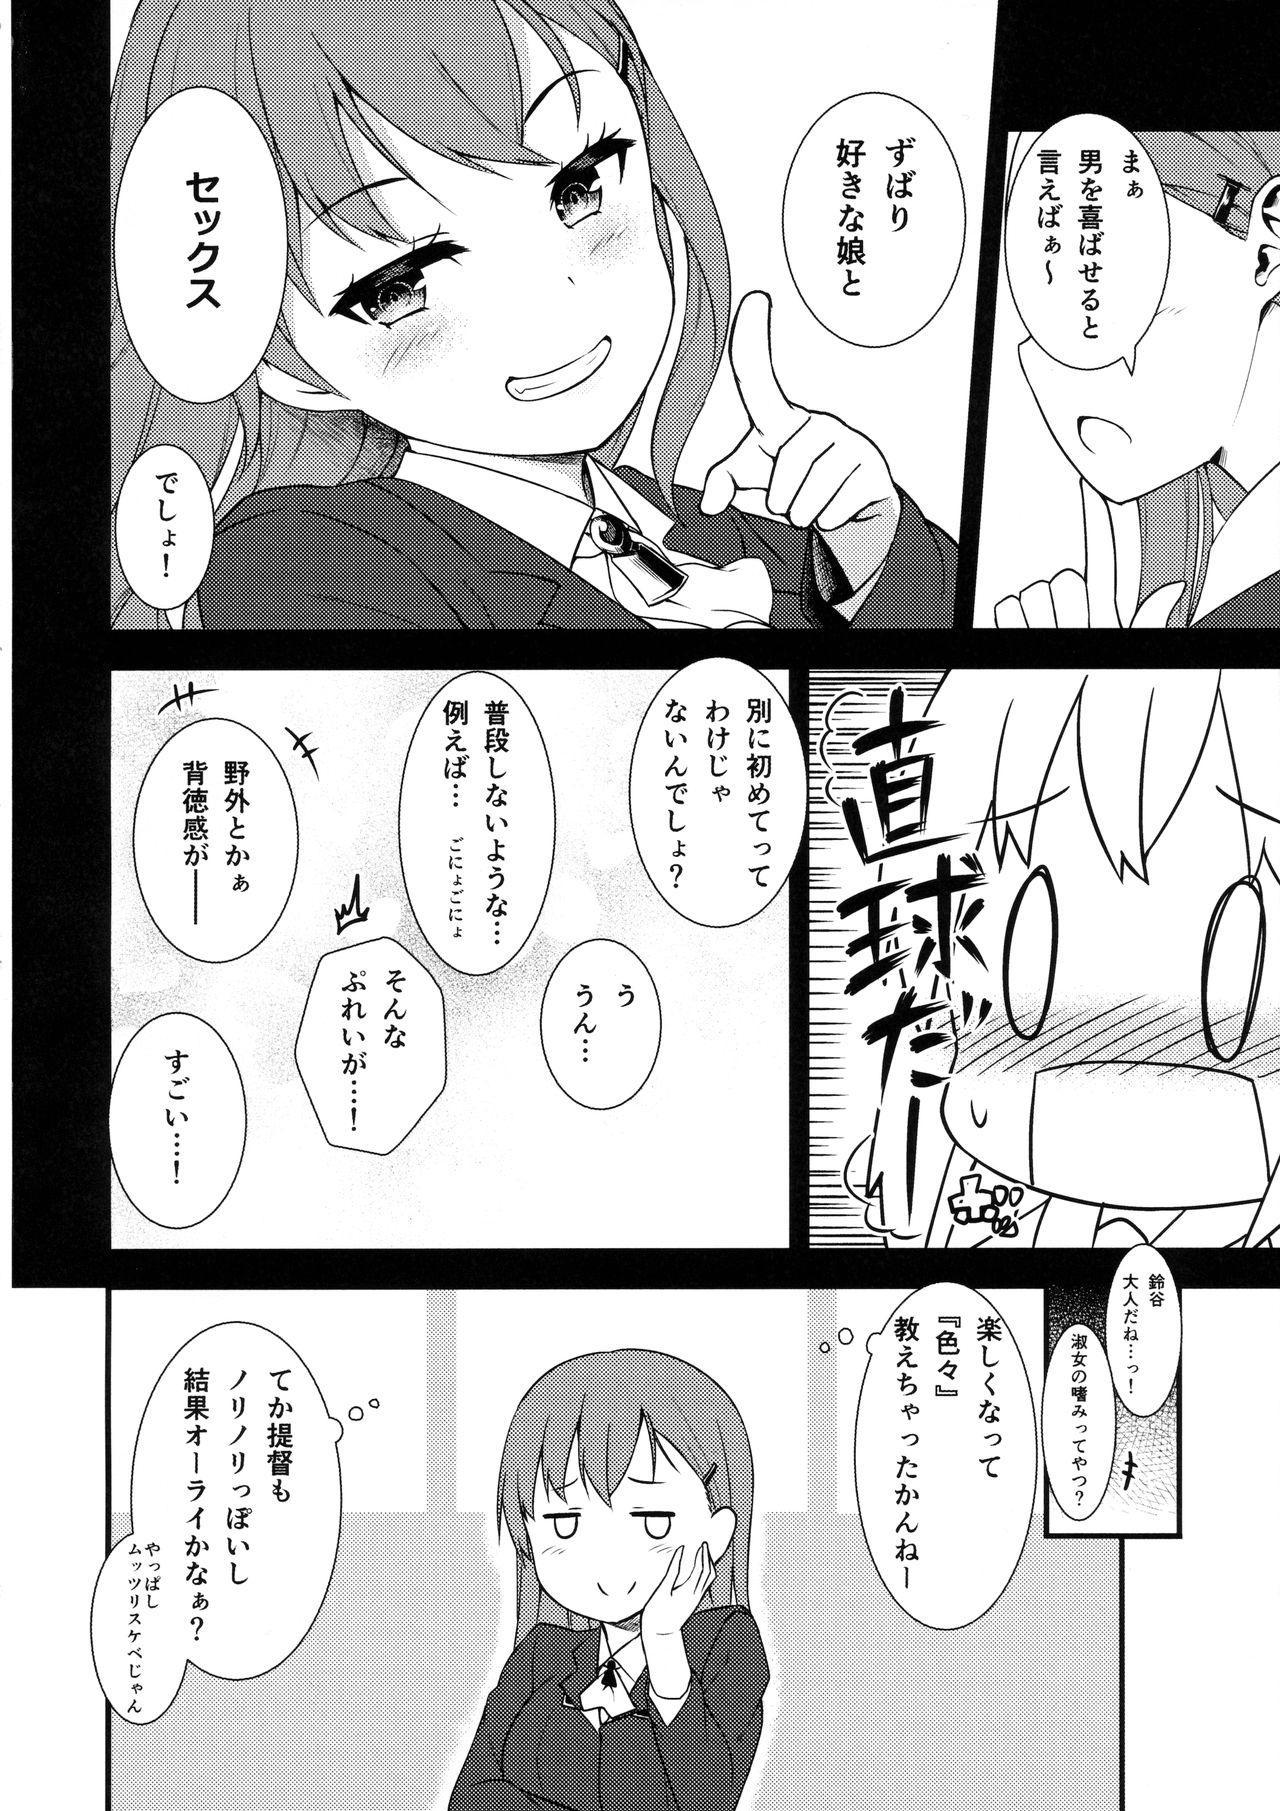 Satsuki ni Oboreru! 4